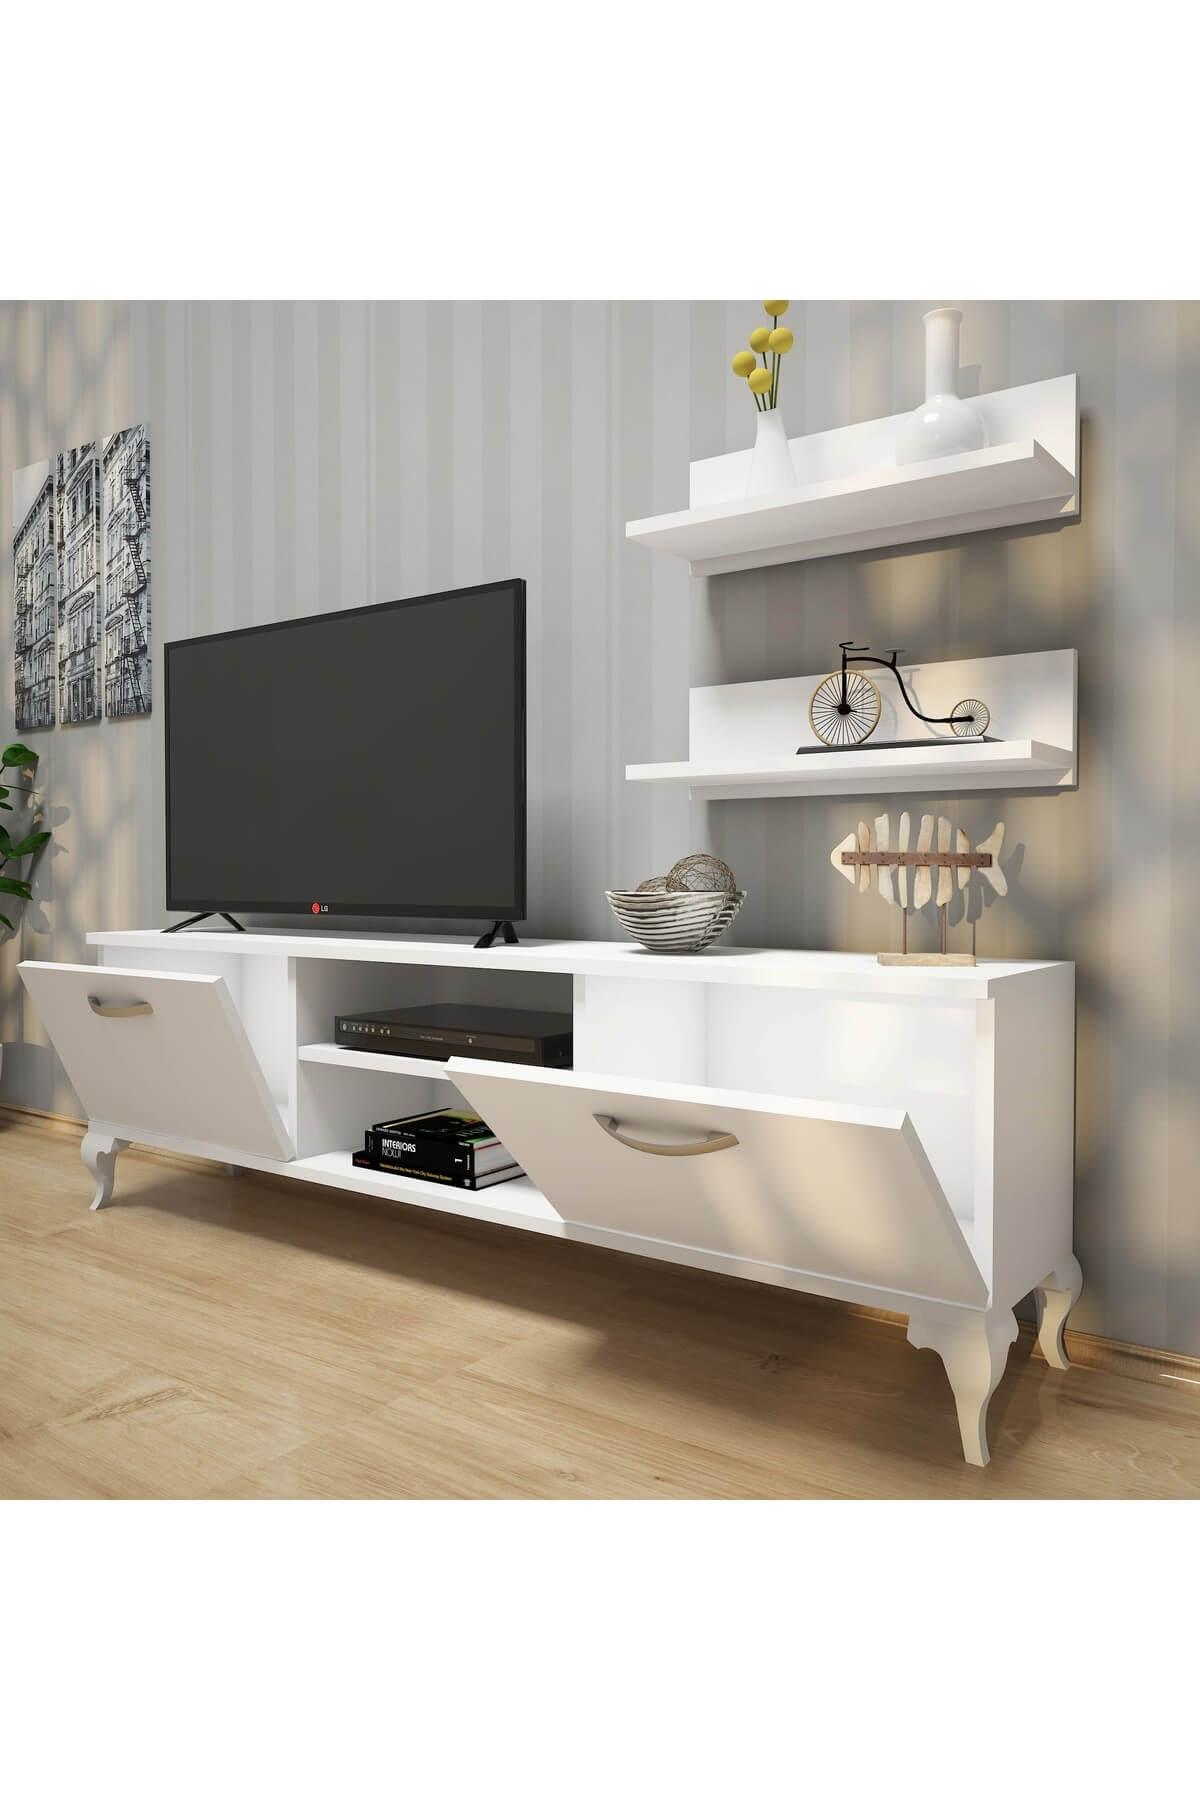 Rani Mobilya A4 Duvar Raflı Tv Sehpası - Kitaplıklı Tv Ünitesi Modern Ayaklı Tasarım Beyaz 2